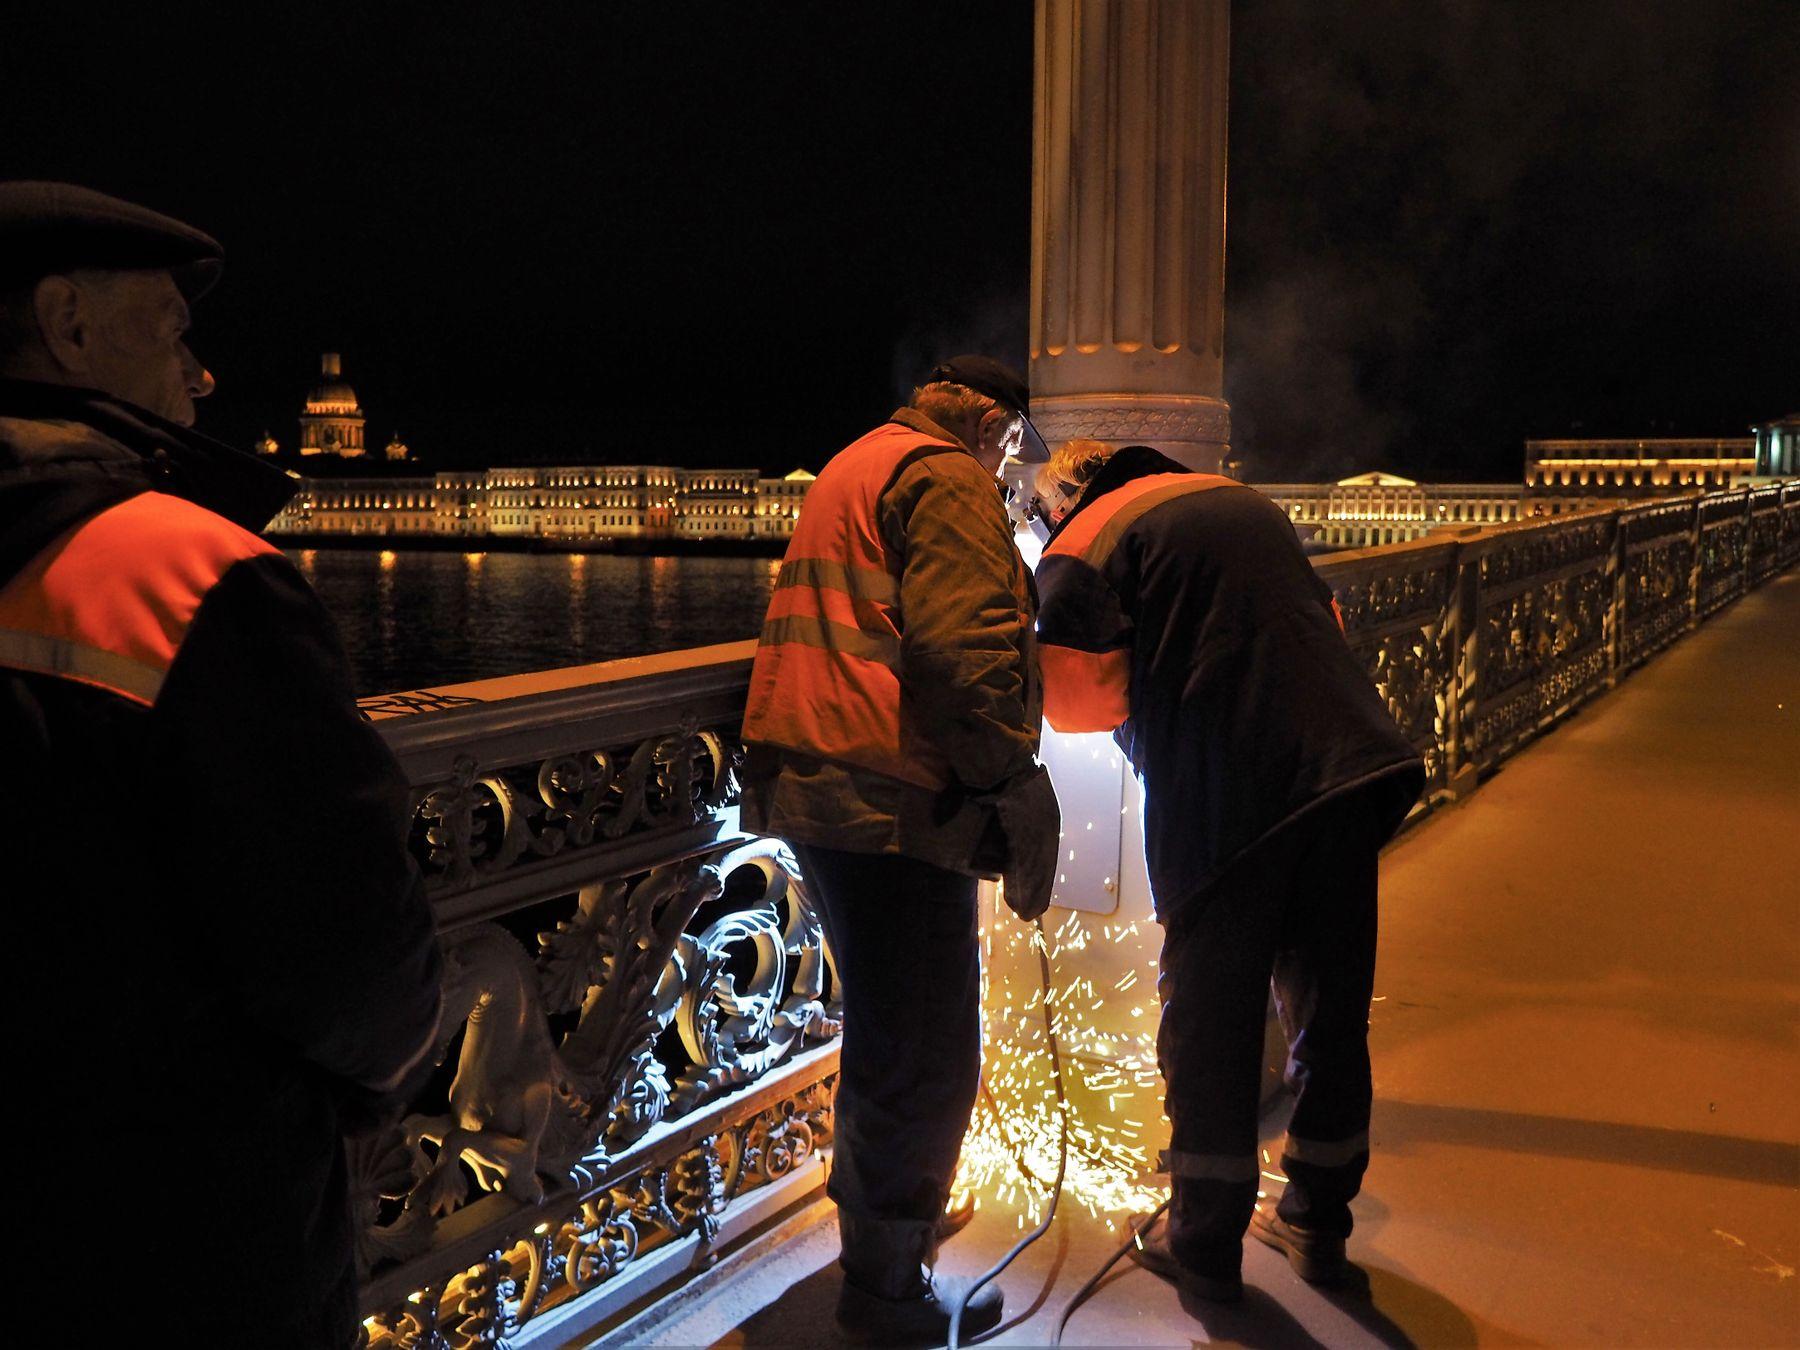 Ночной ремонт. Благовещенский мост.